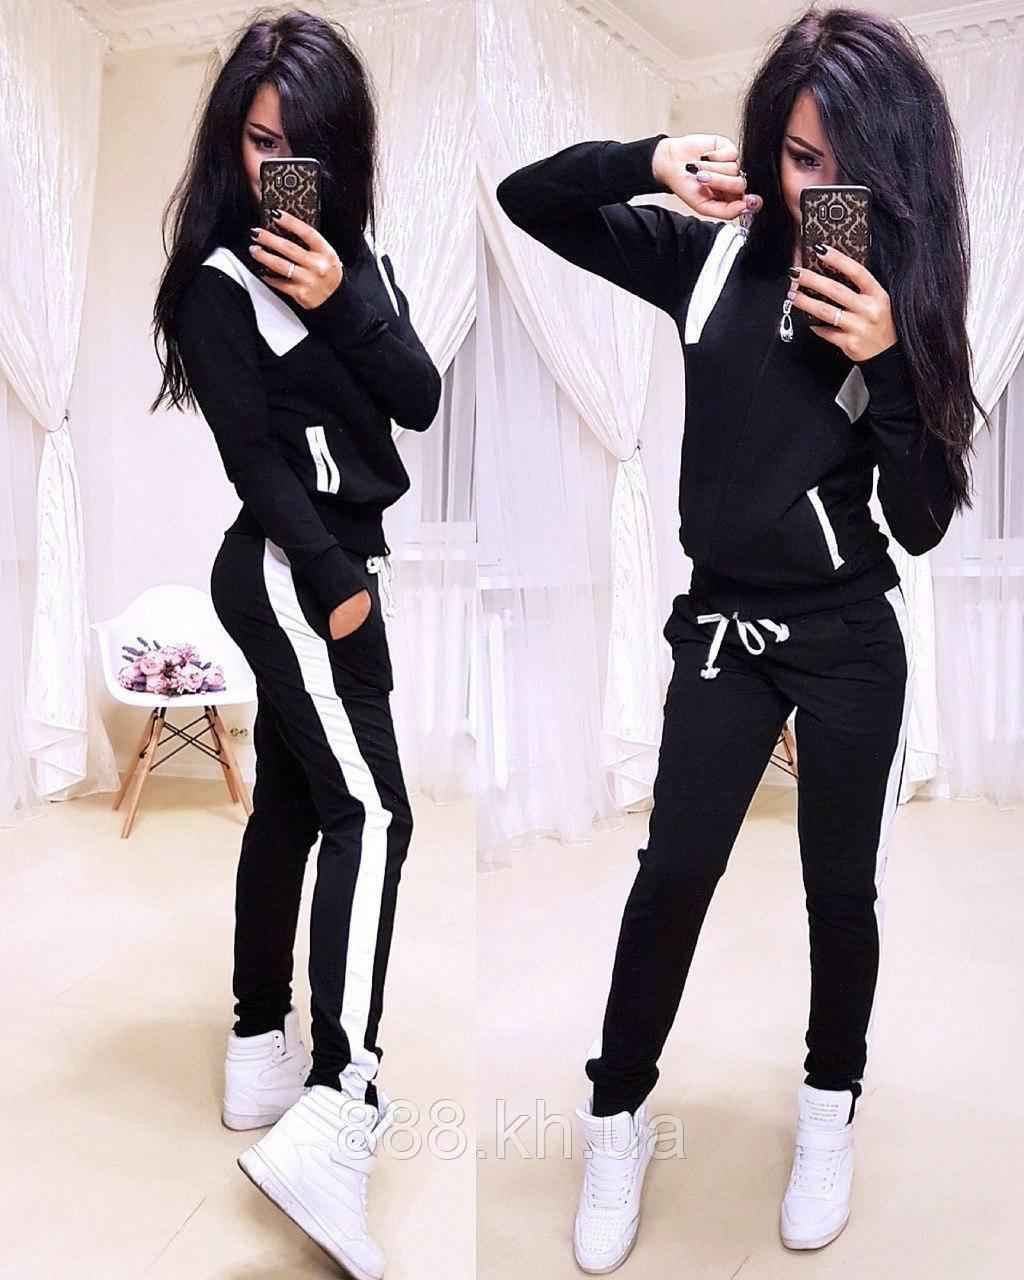 Женский спортивный костюм, костюм для прогулок S/M/L/XL (черный)